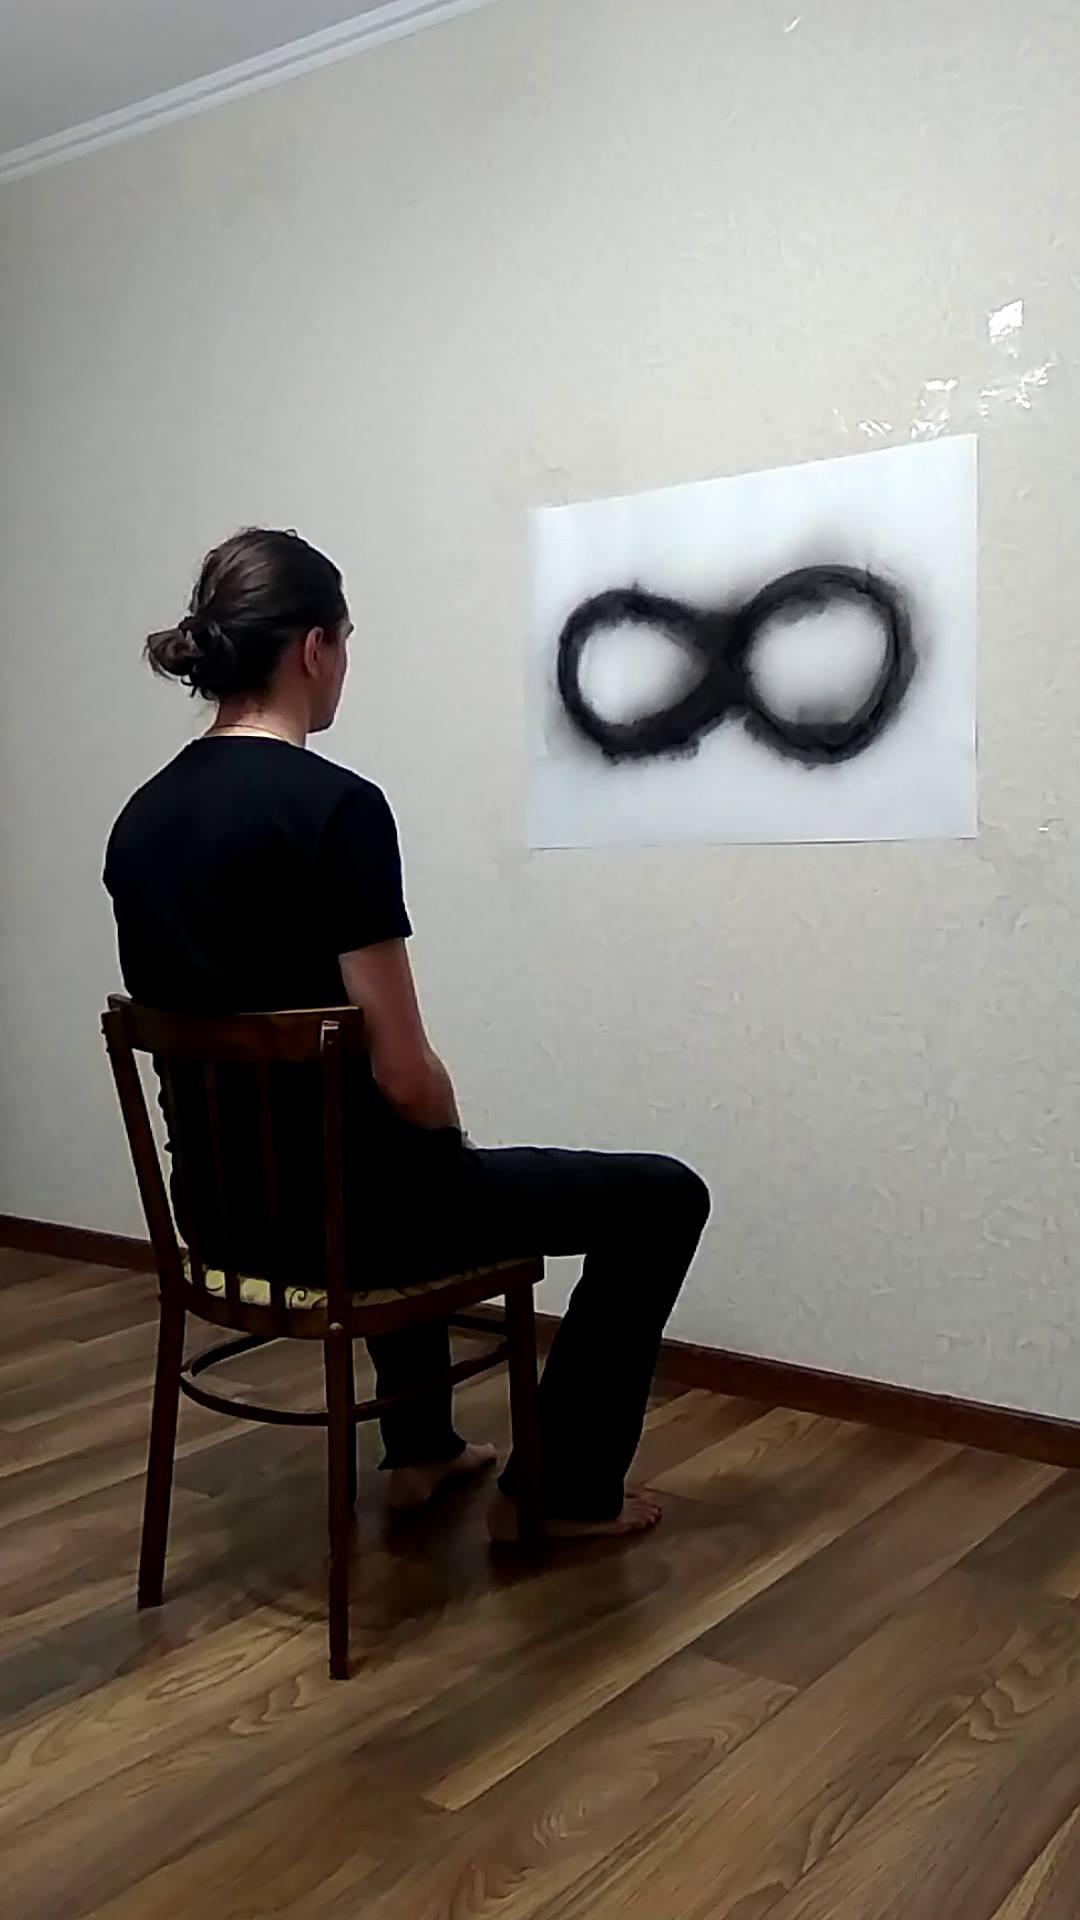 Андрей Ишонин. «Попытка увидеть бесконечность», 2018